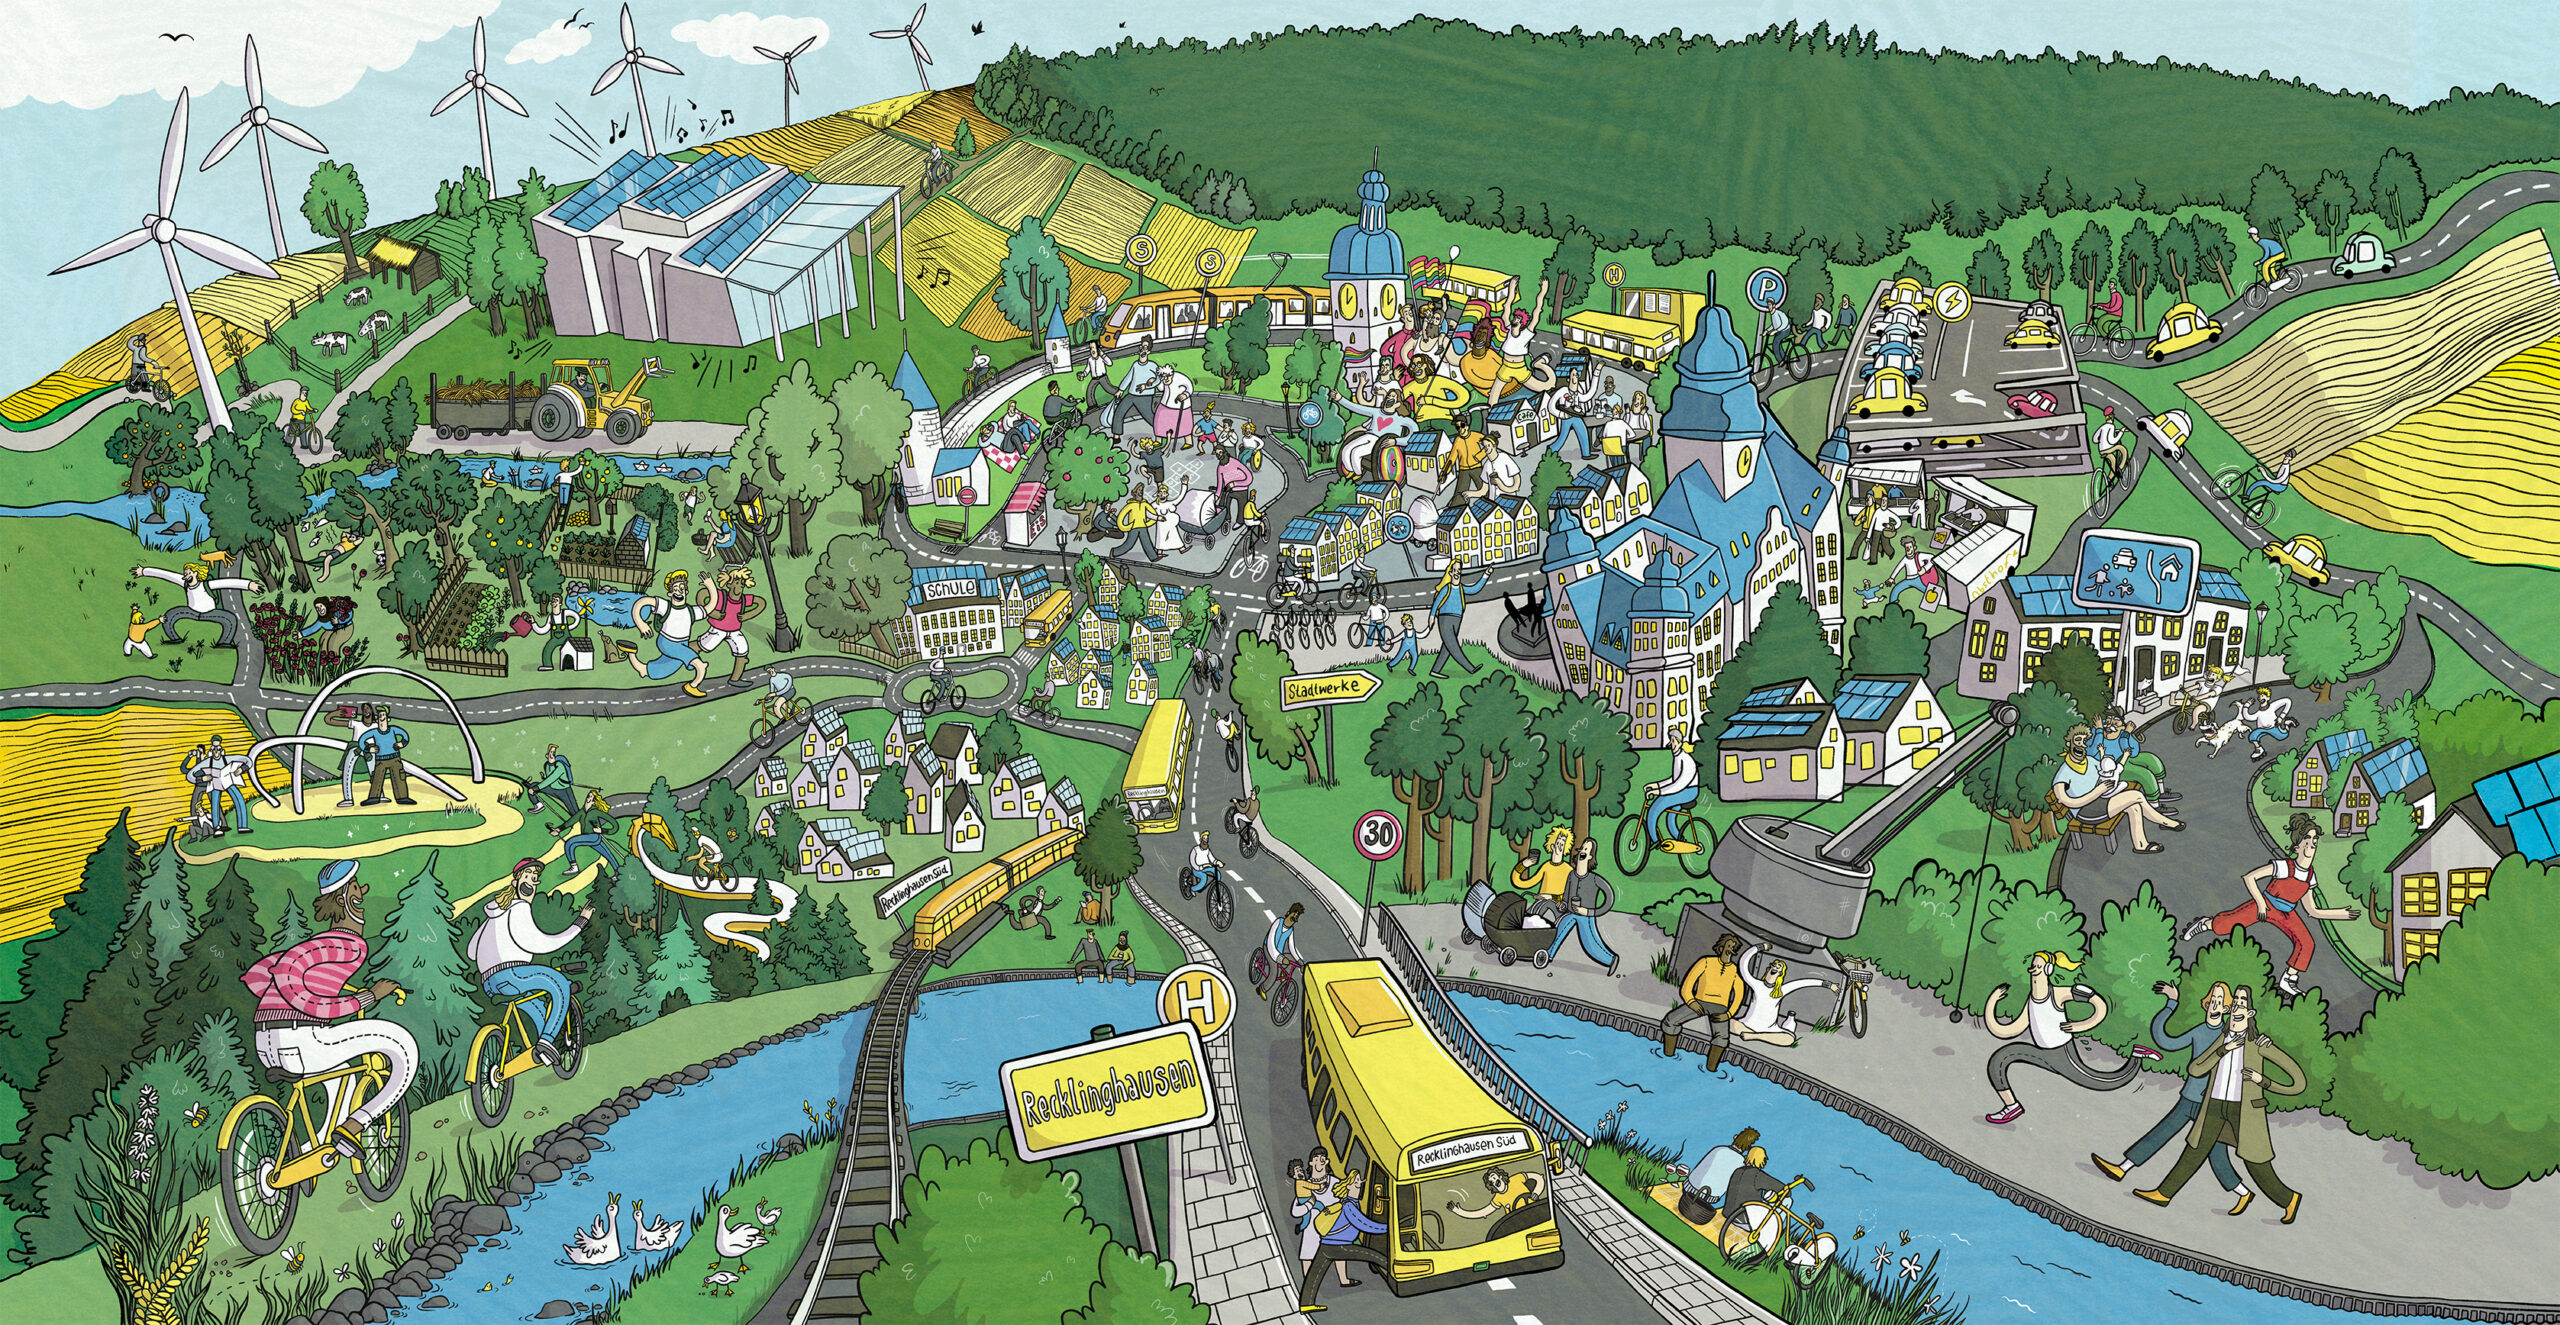 Wimmelbild Kommunalwahl 2020 Recklinghausen. Illustriert mit 💚 von Clara Sophie Klein aus Münster.